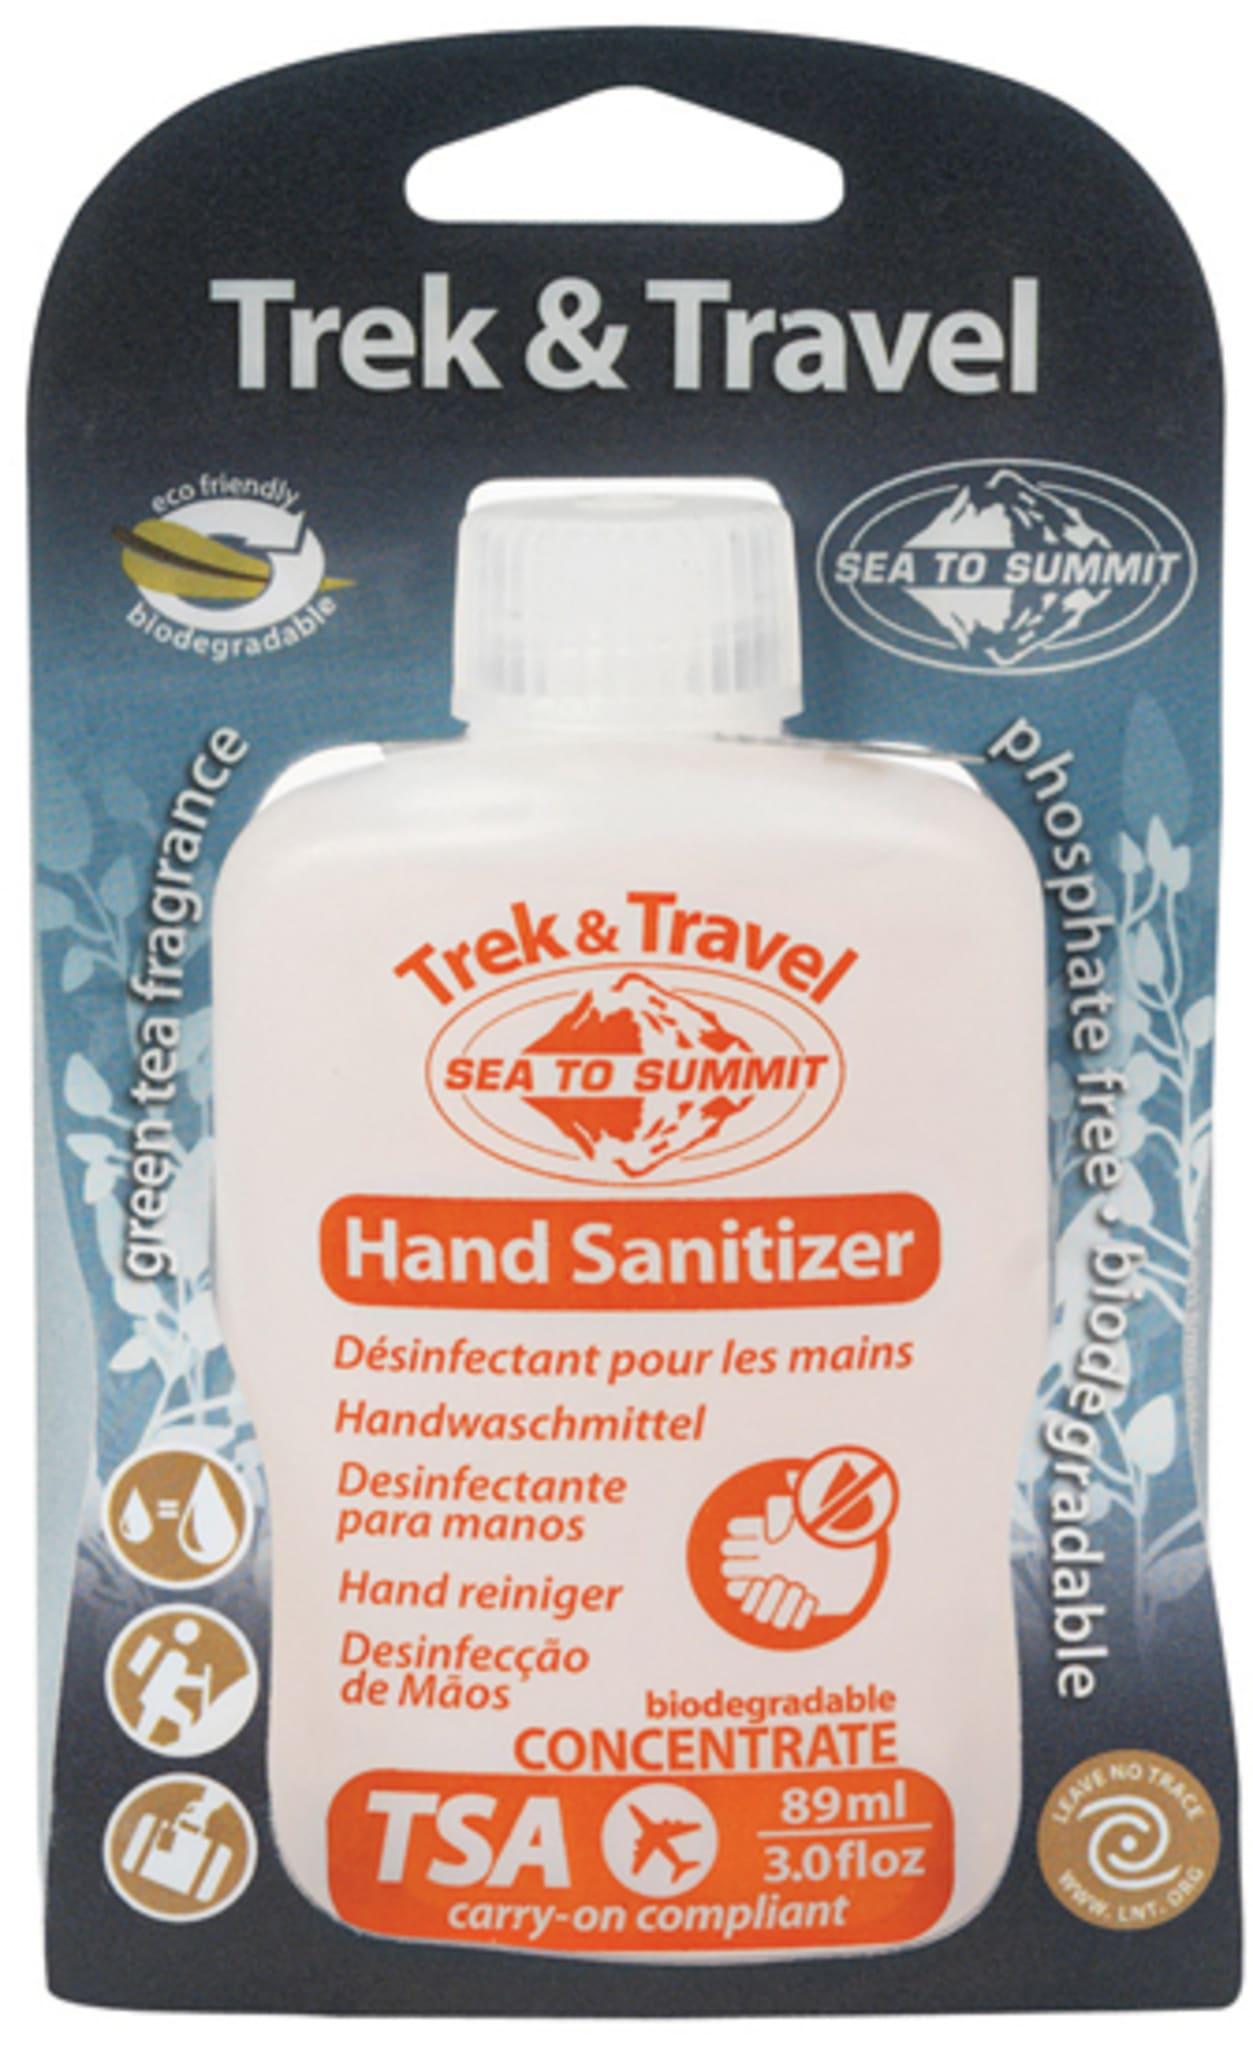 Desinfiserende håndvask for reise og tur